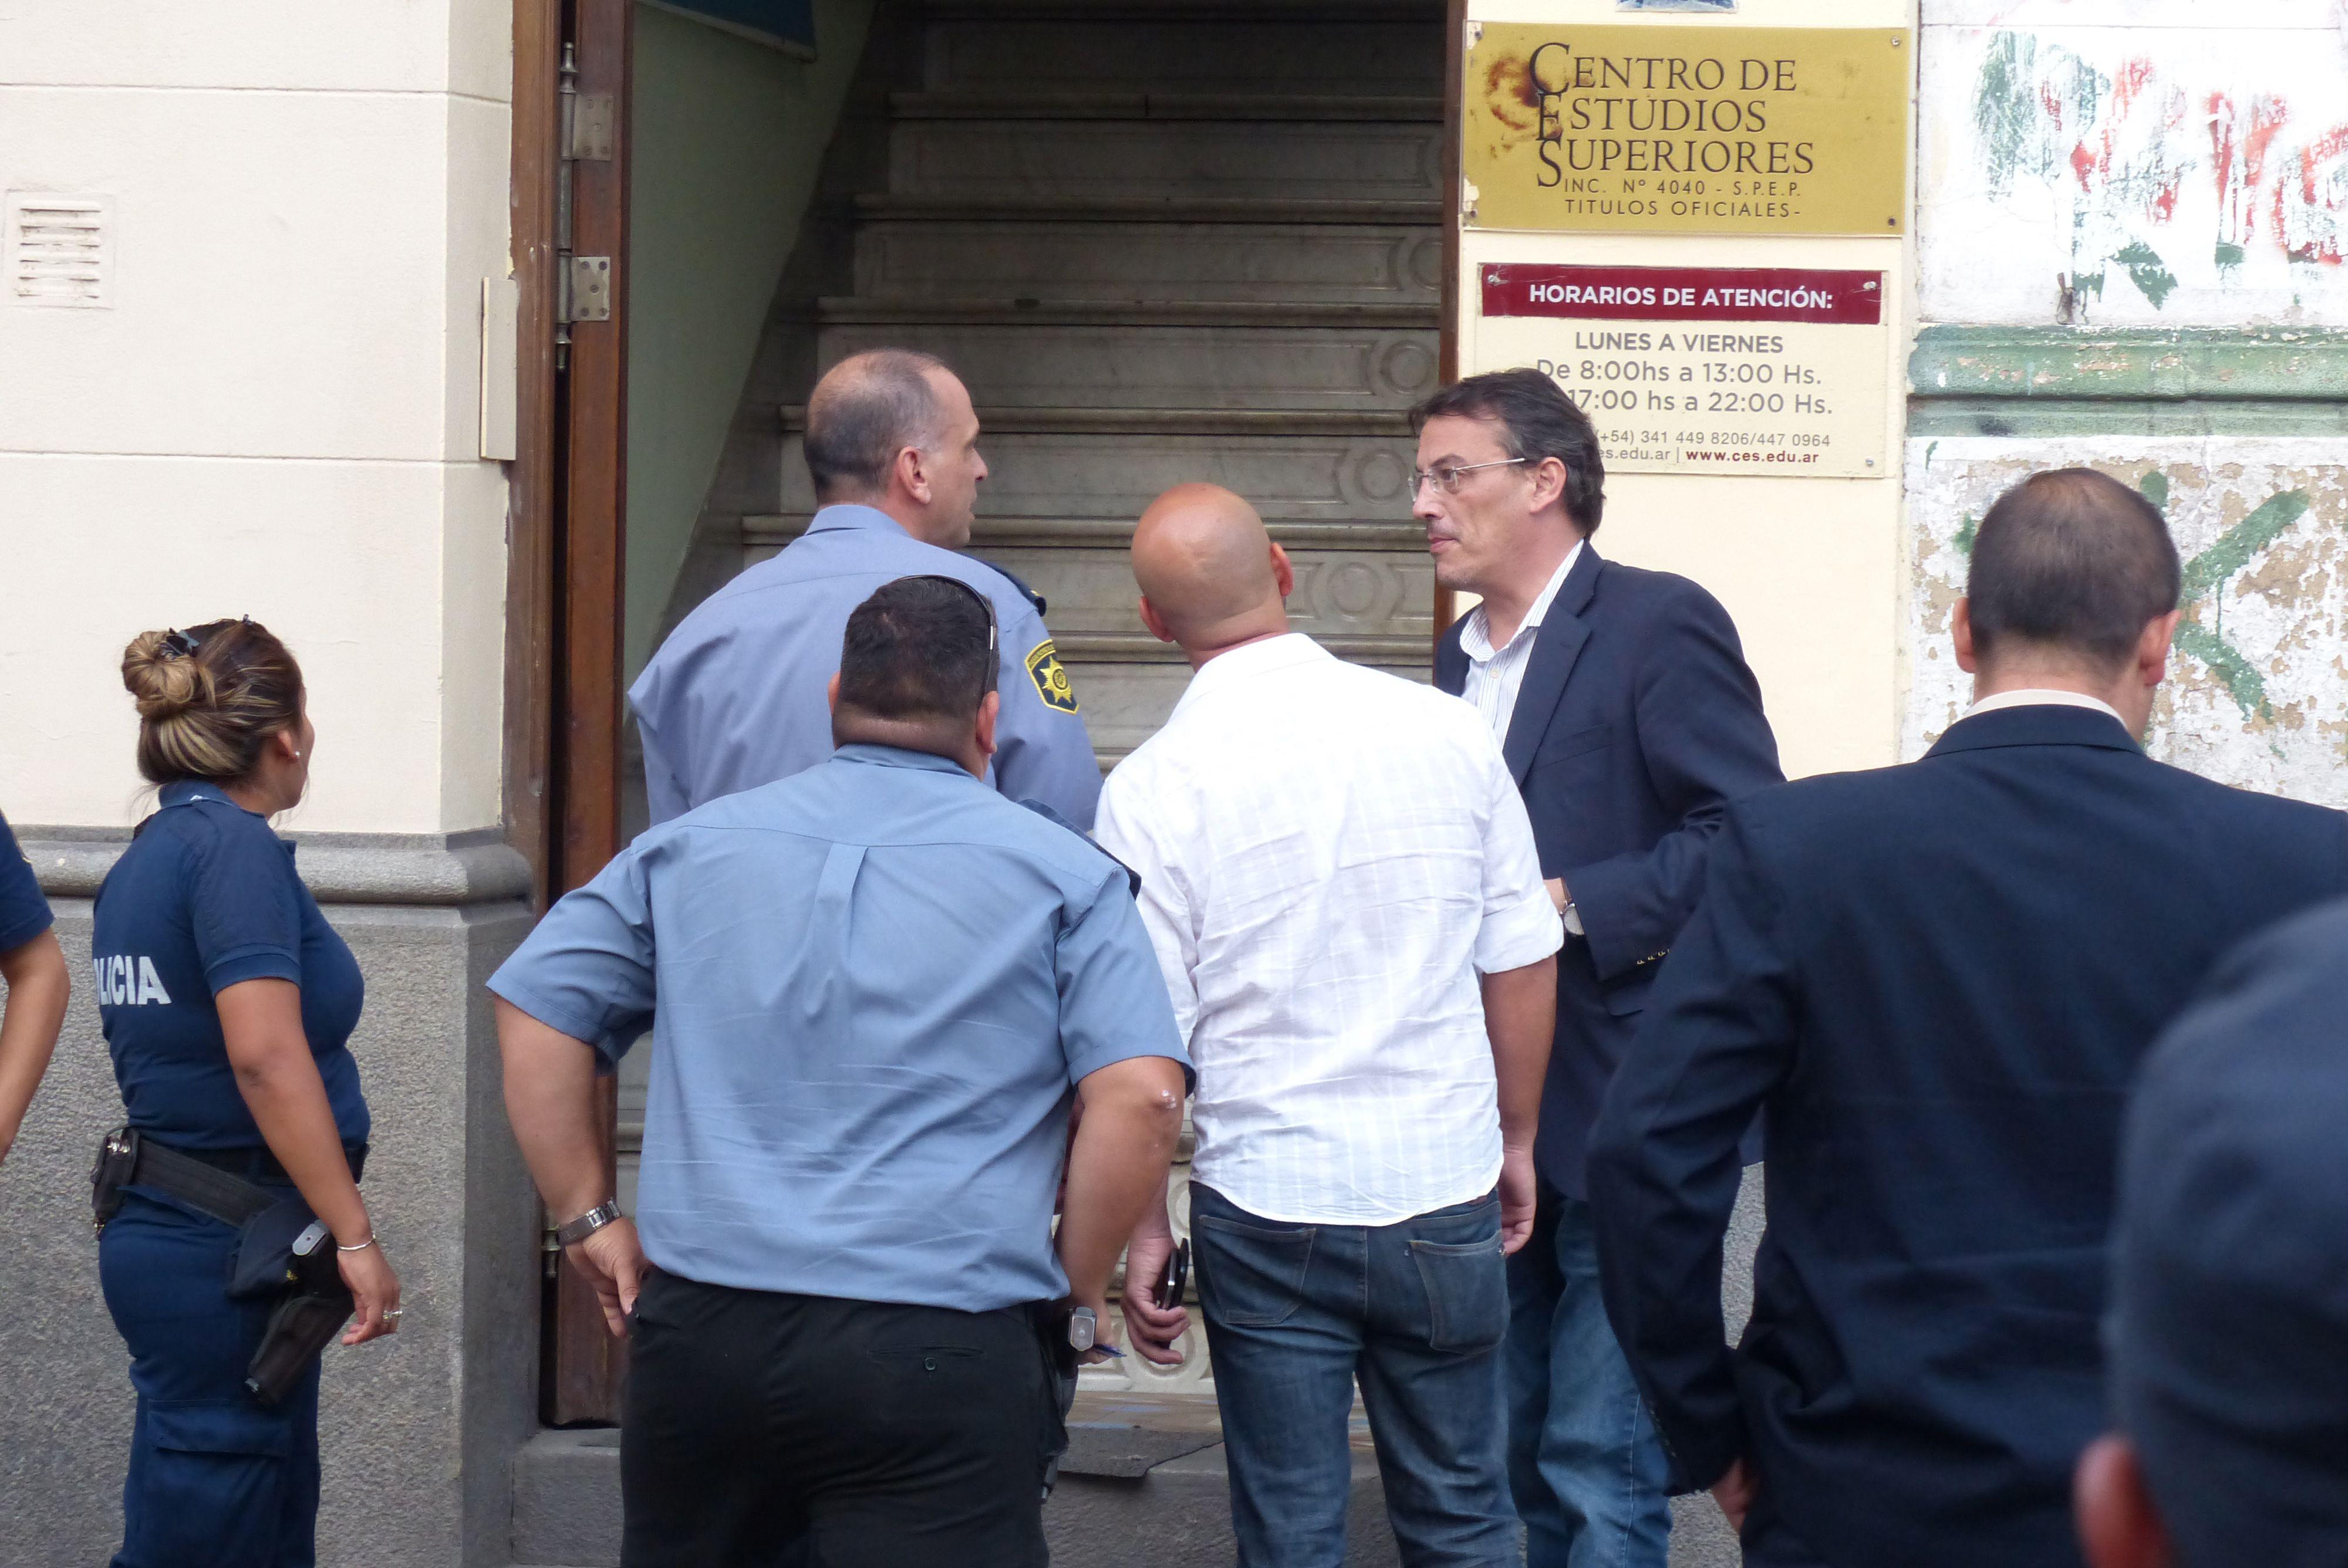 En acción. El fiscal Ademar Bianchini (a la derecha) dialoga con los policías en el lugar donde fue baleado Mansilla.(Angel Amaya / La Capital)